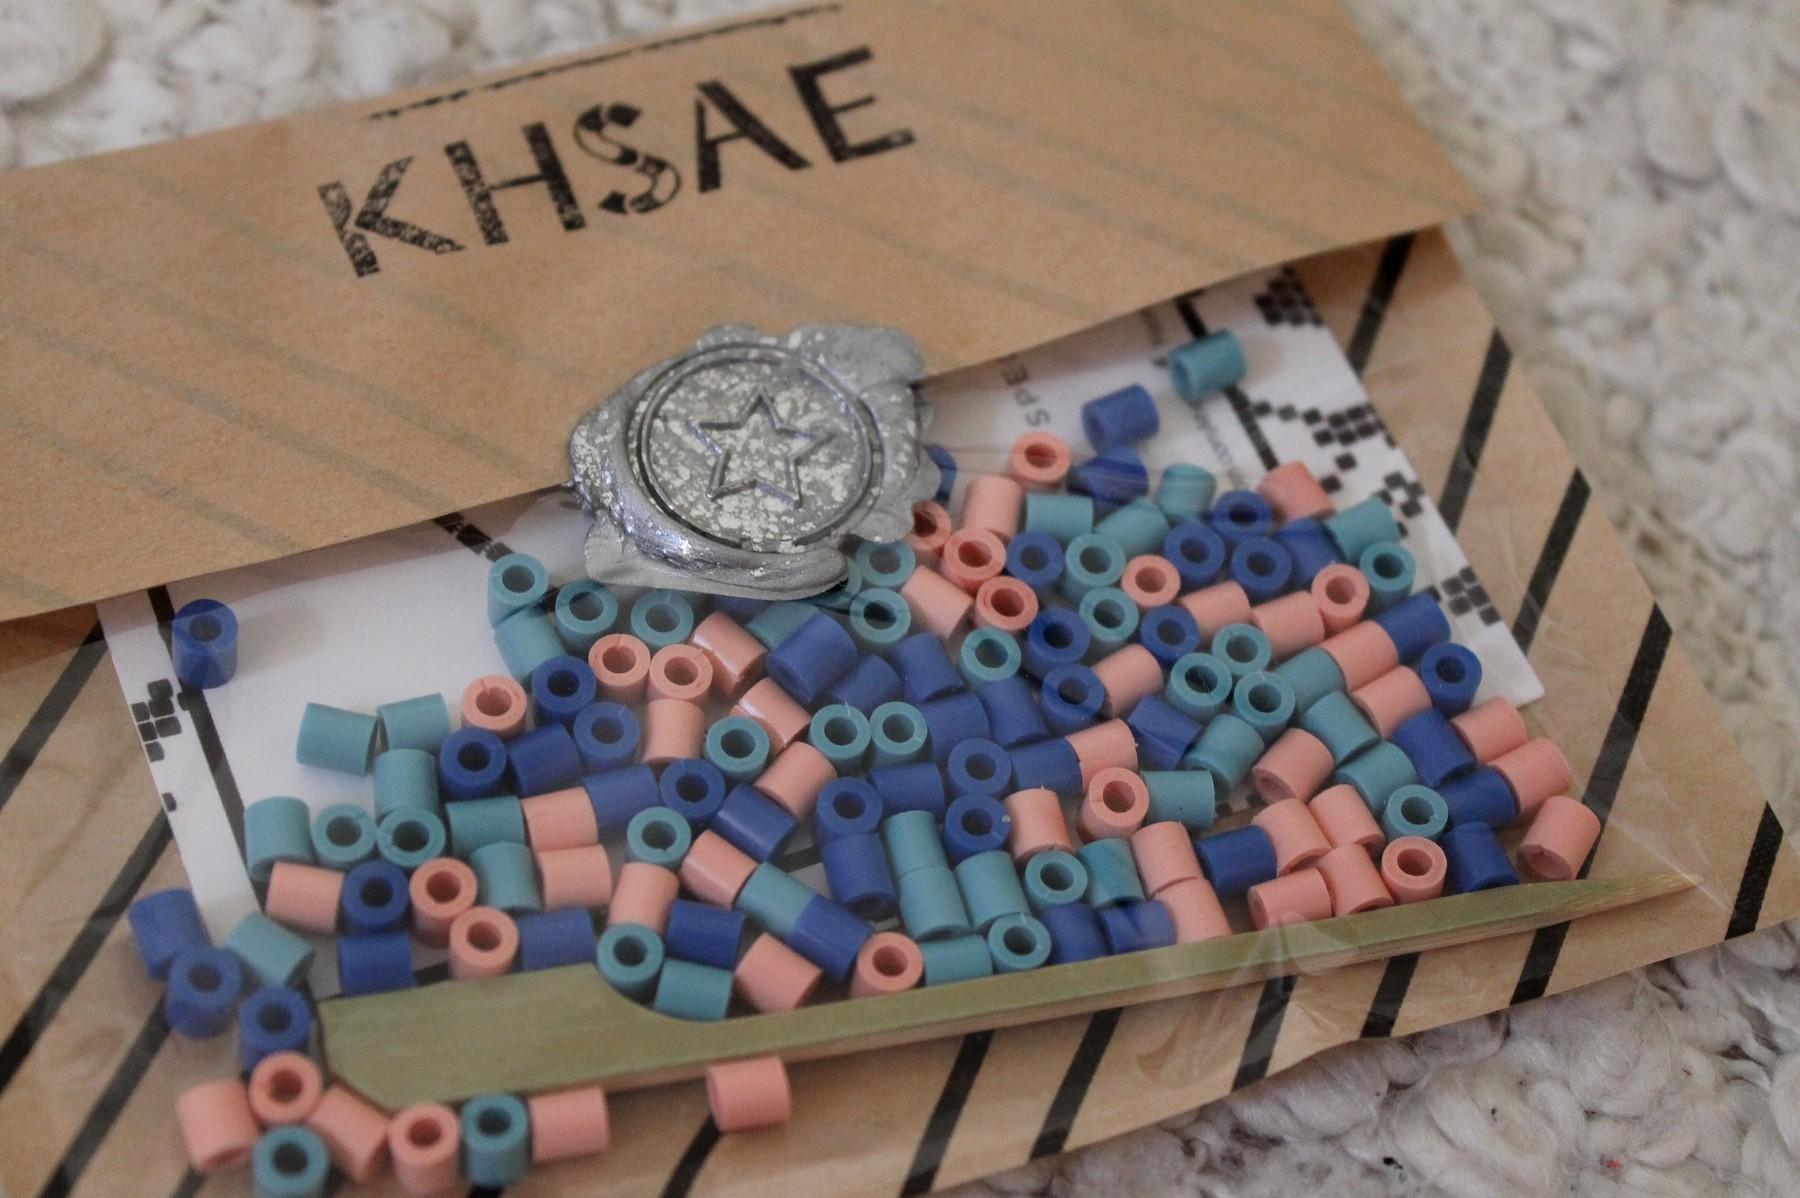 khsae6